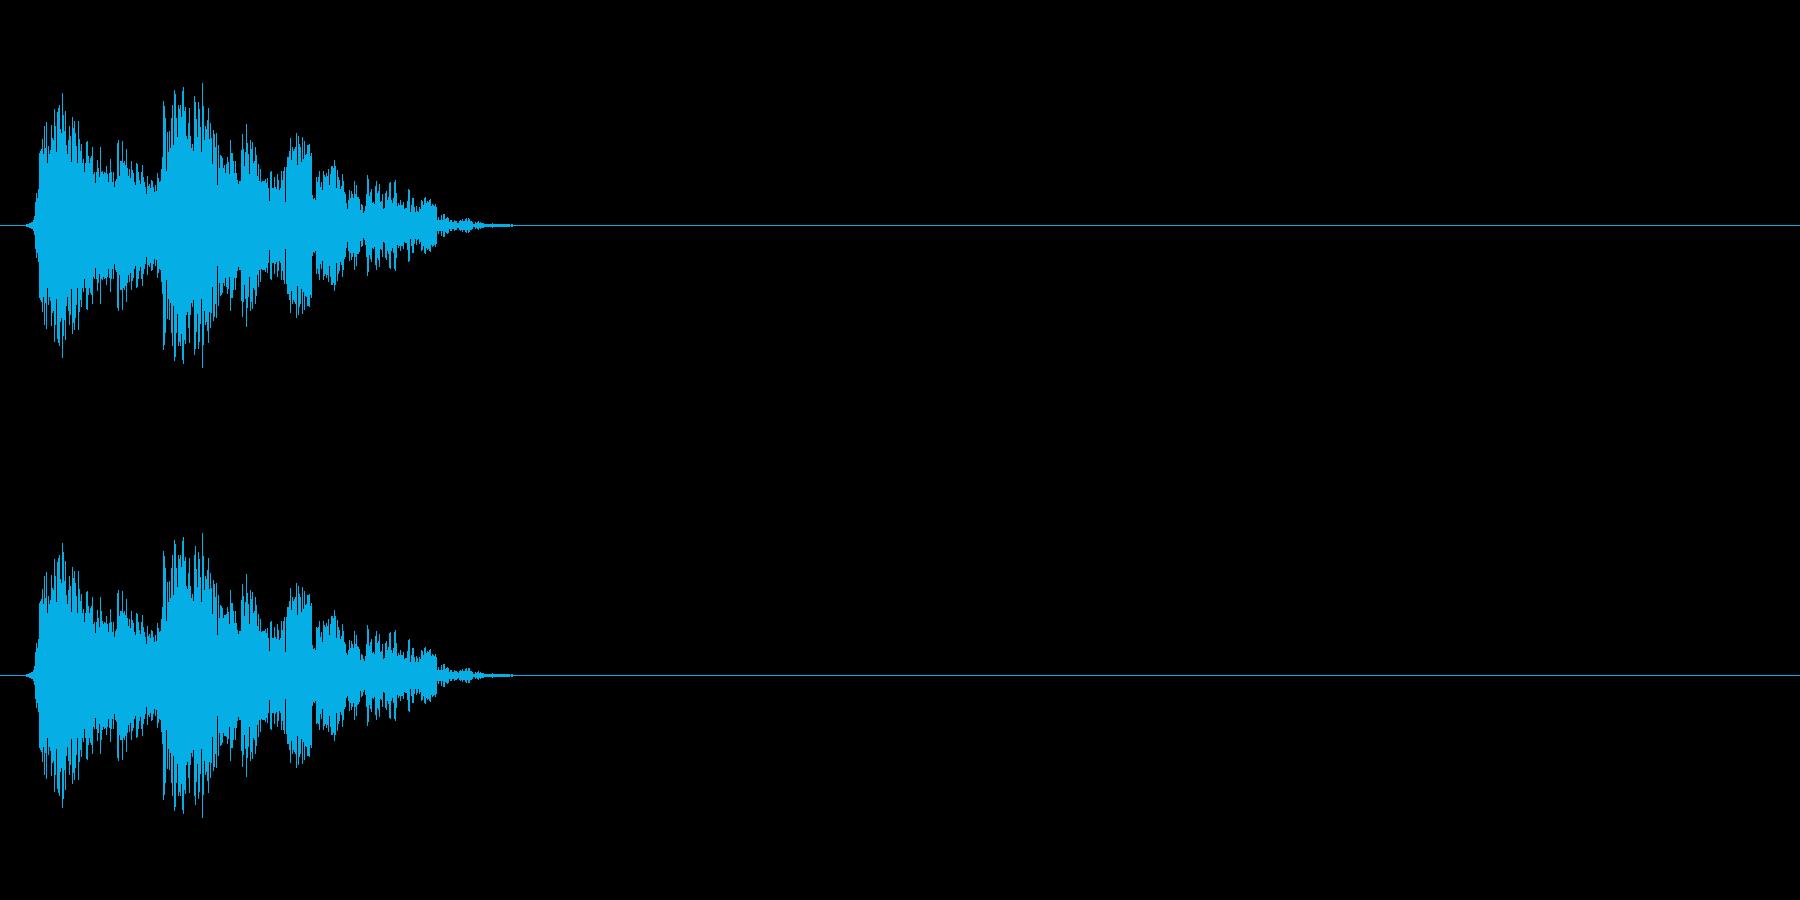 【斬る01-2】の再生済みの波形